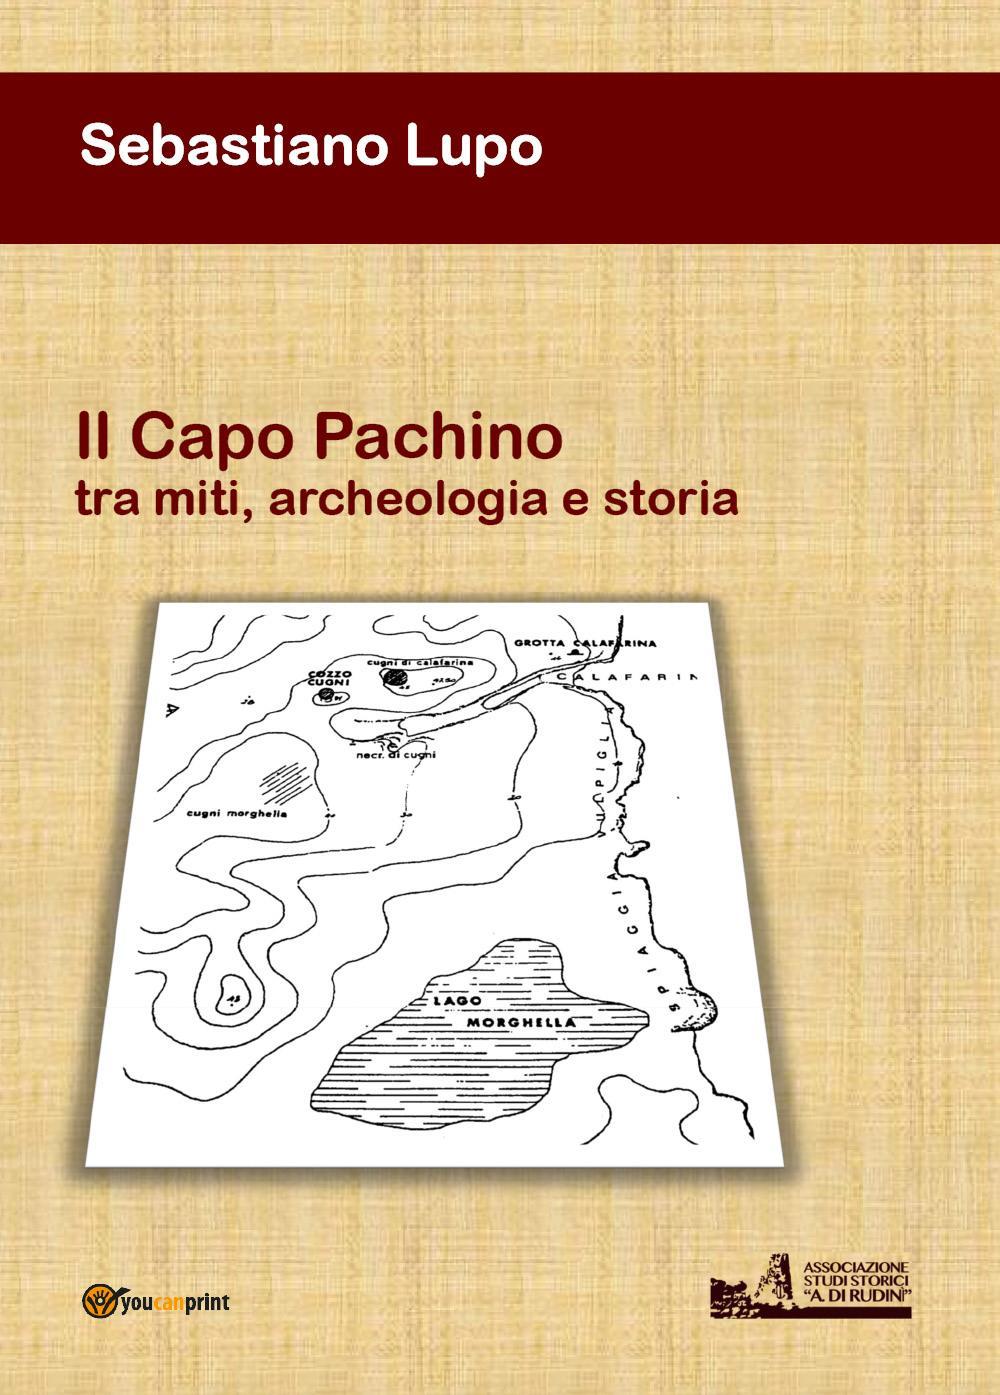 Il Capo Pachino tra miti, archeologia e storia